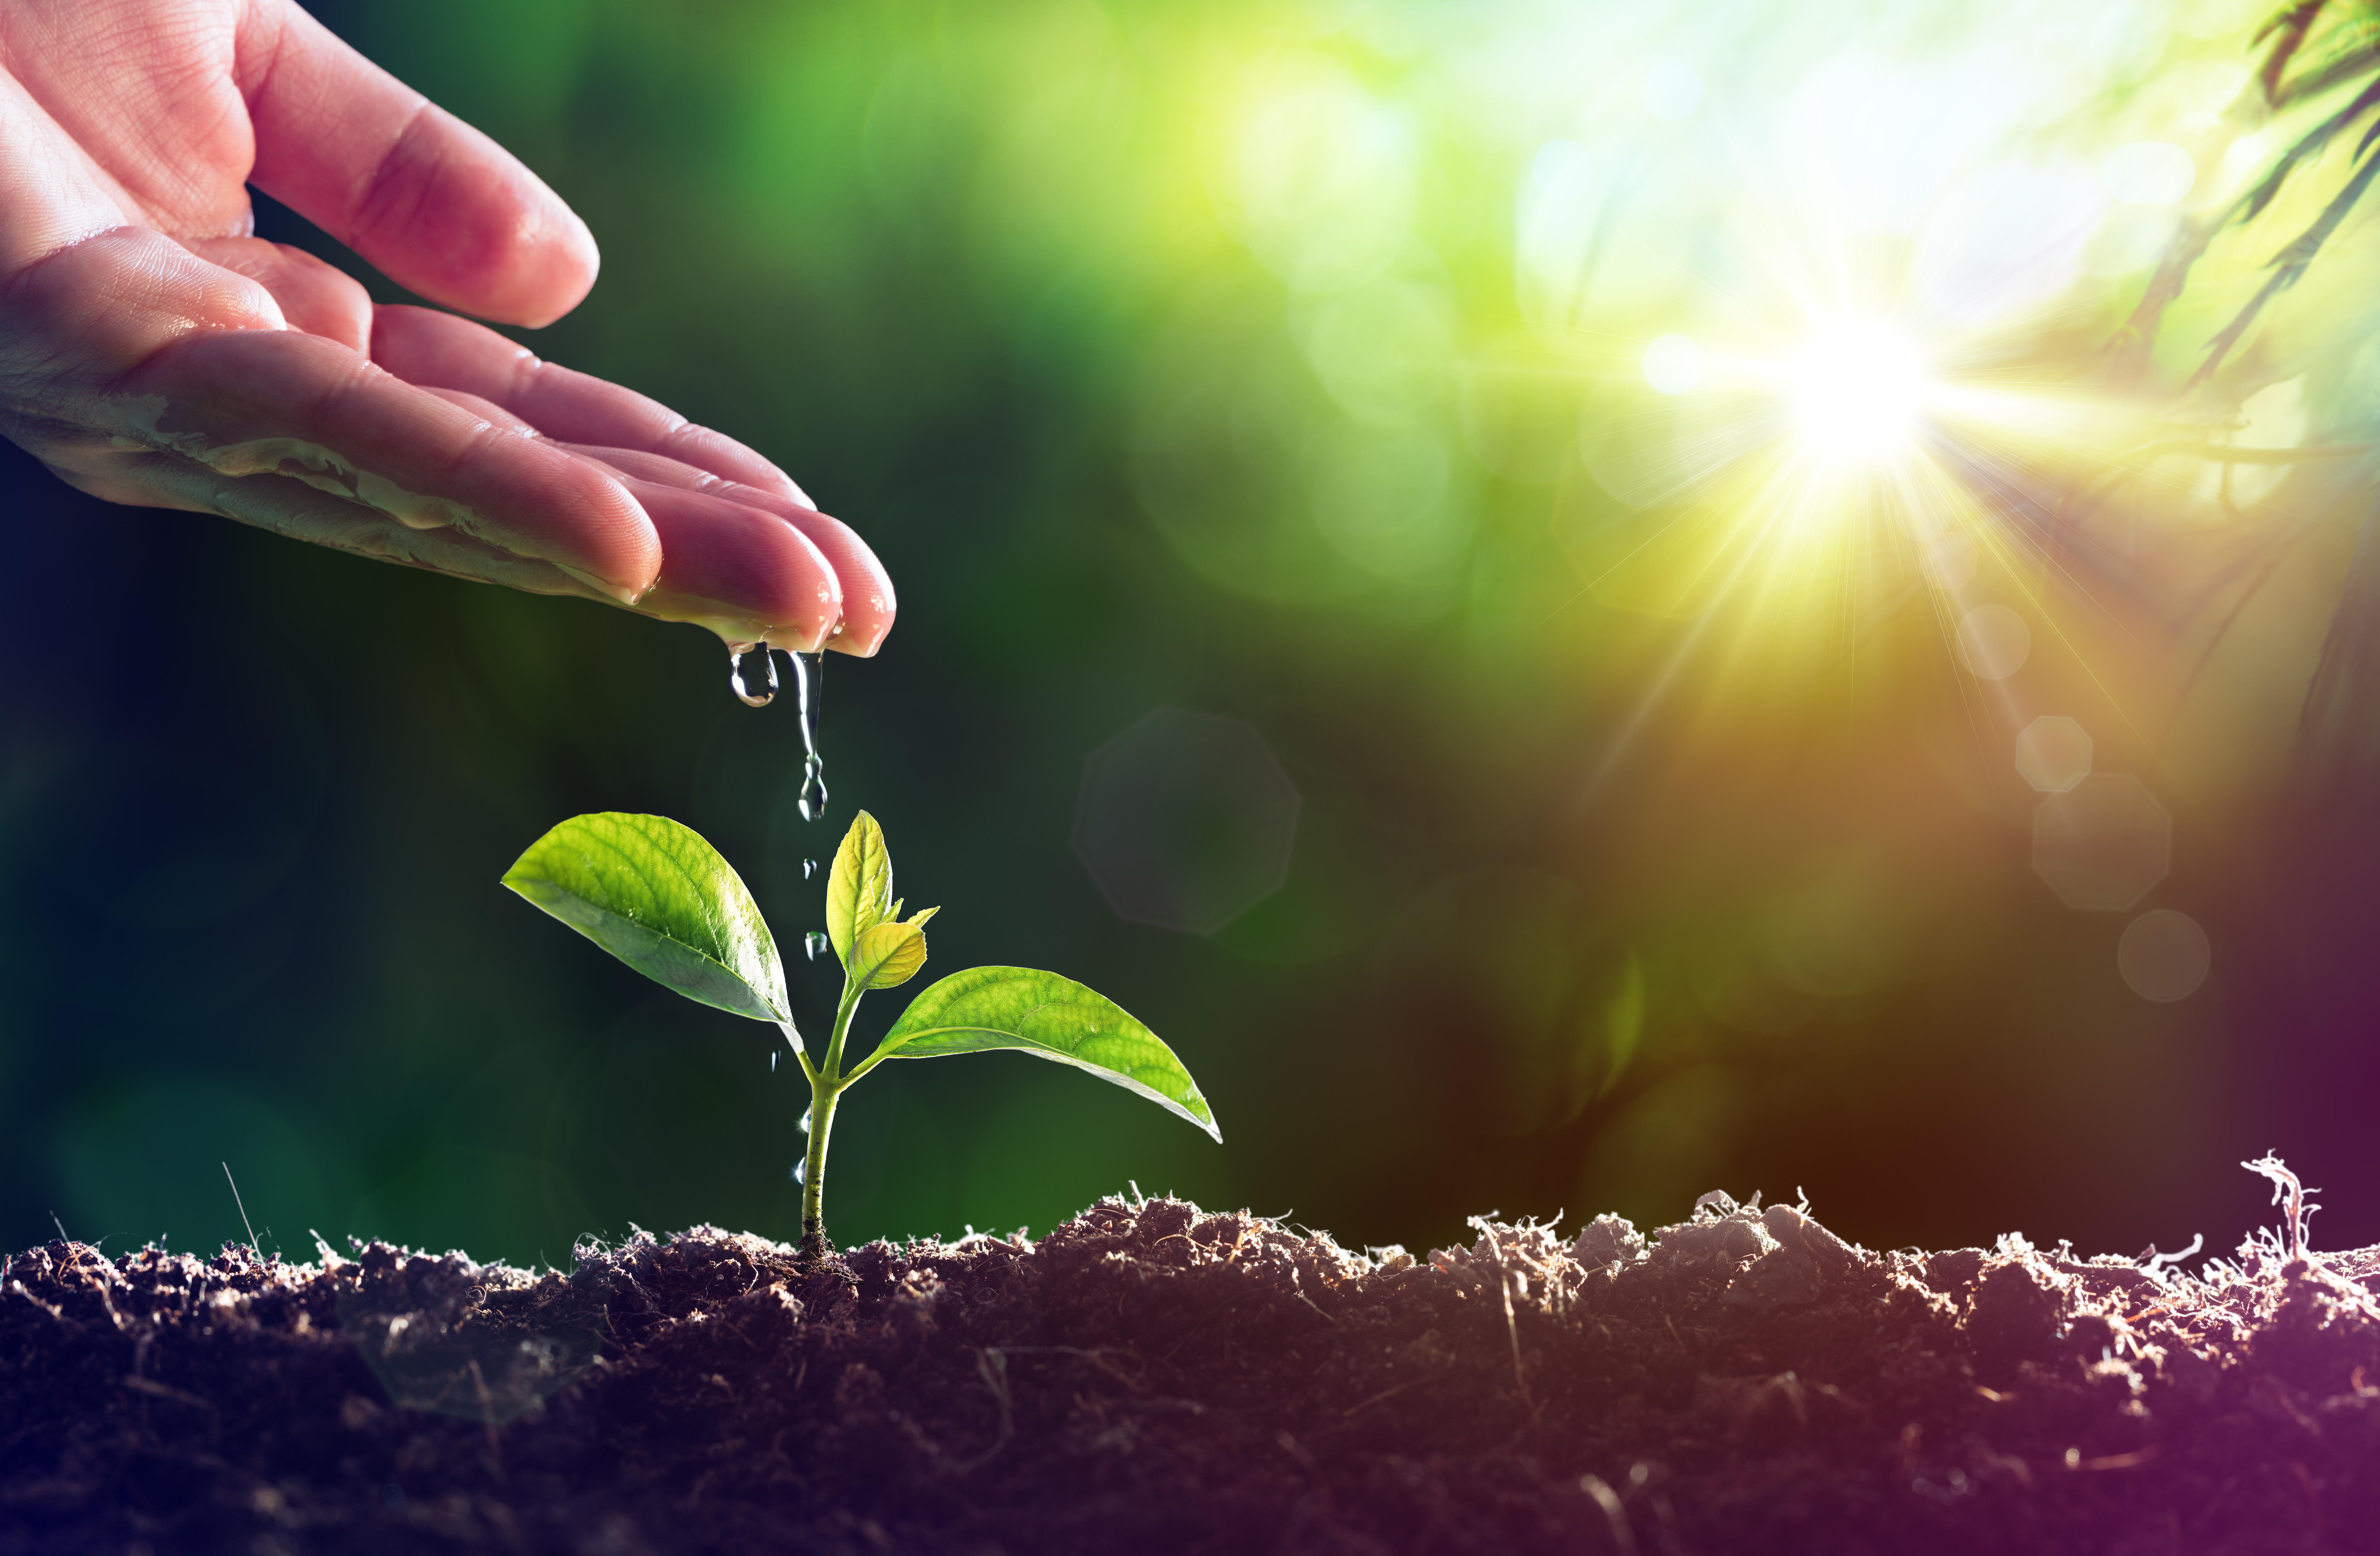 Στις κορυφαίες εταιρείες στην προστασία του κλίματος η Bayer